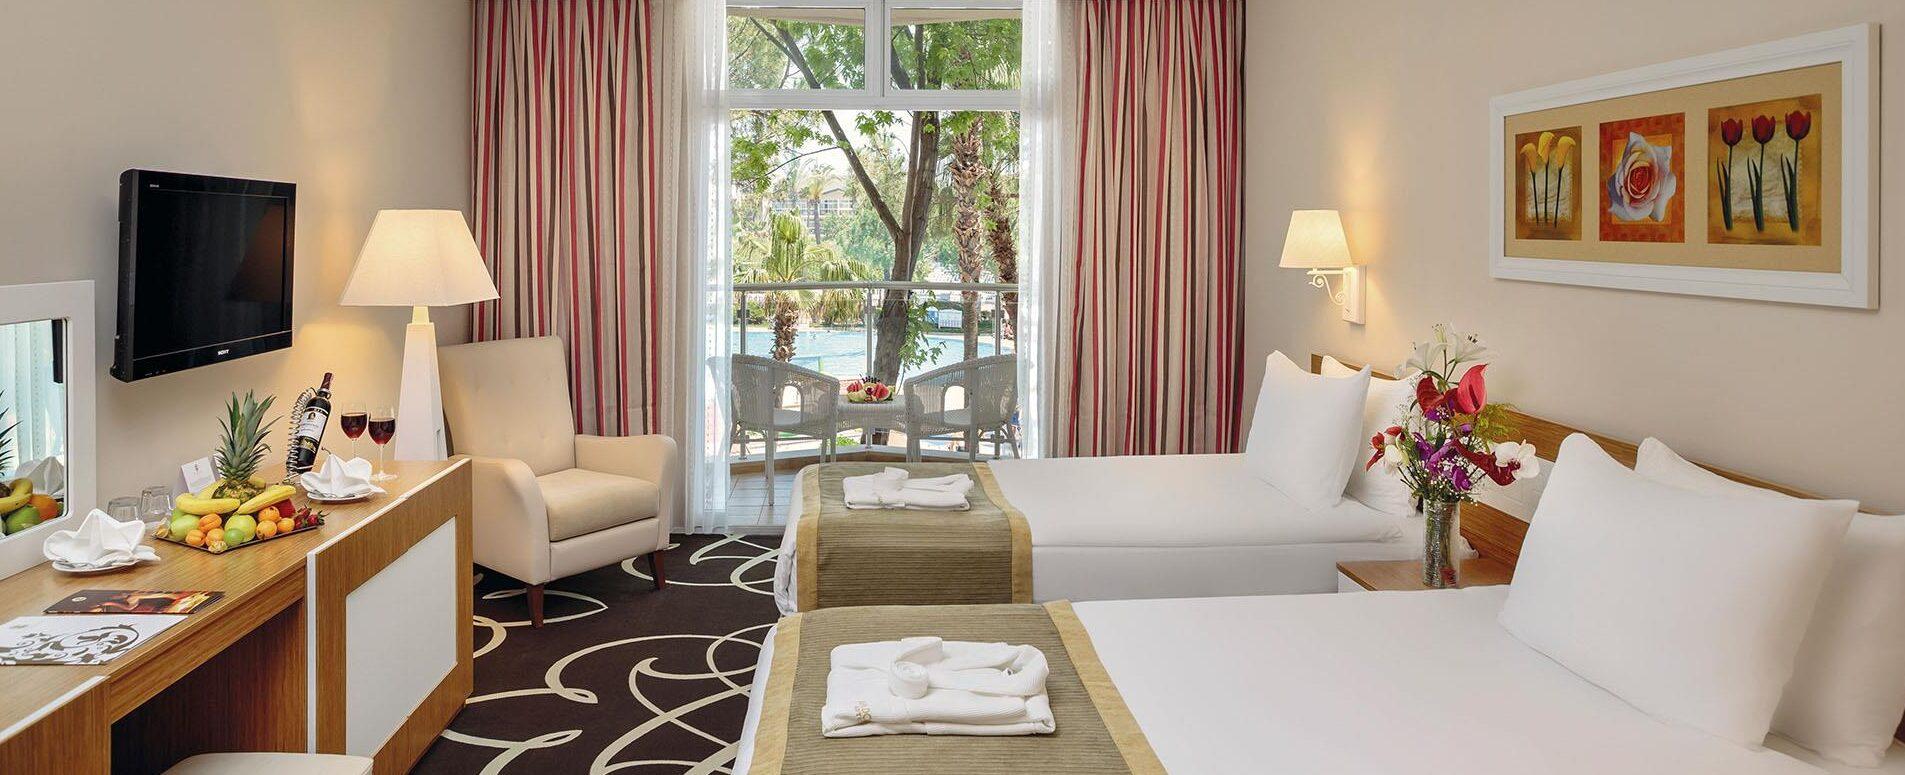 Эксклюзивный отдых в отеле Alva Donna World Palace 5*